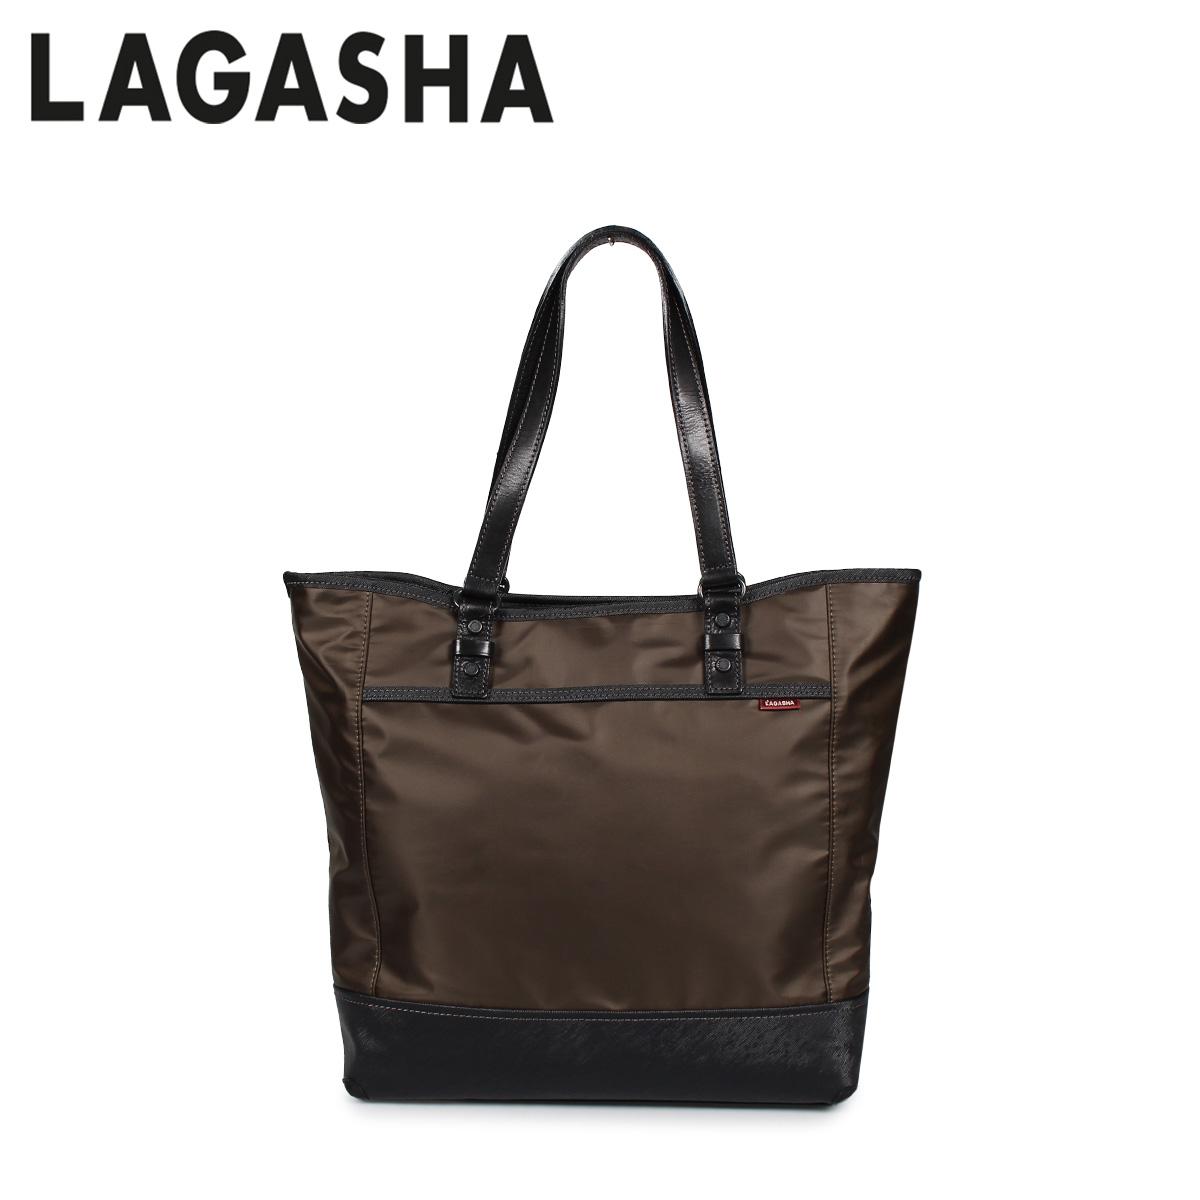 大人気定番商品 ラガシャ LAGASHA アップライト バッグ トートバッグ メンズ UPLIGHT カーキ 7228, 小さな庭園 0e44d082